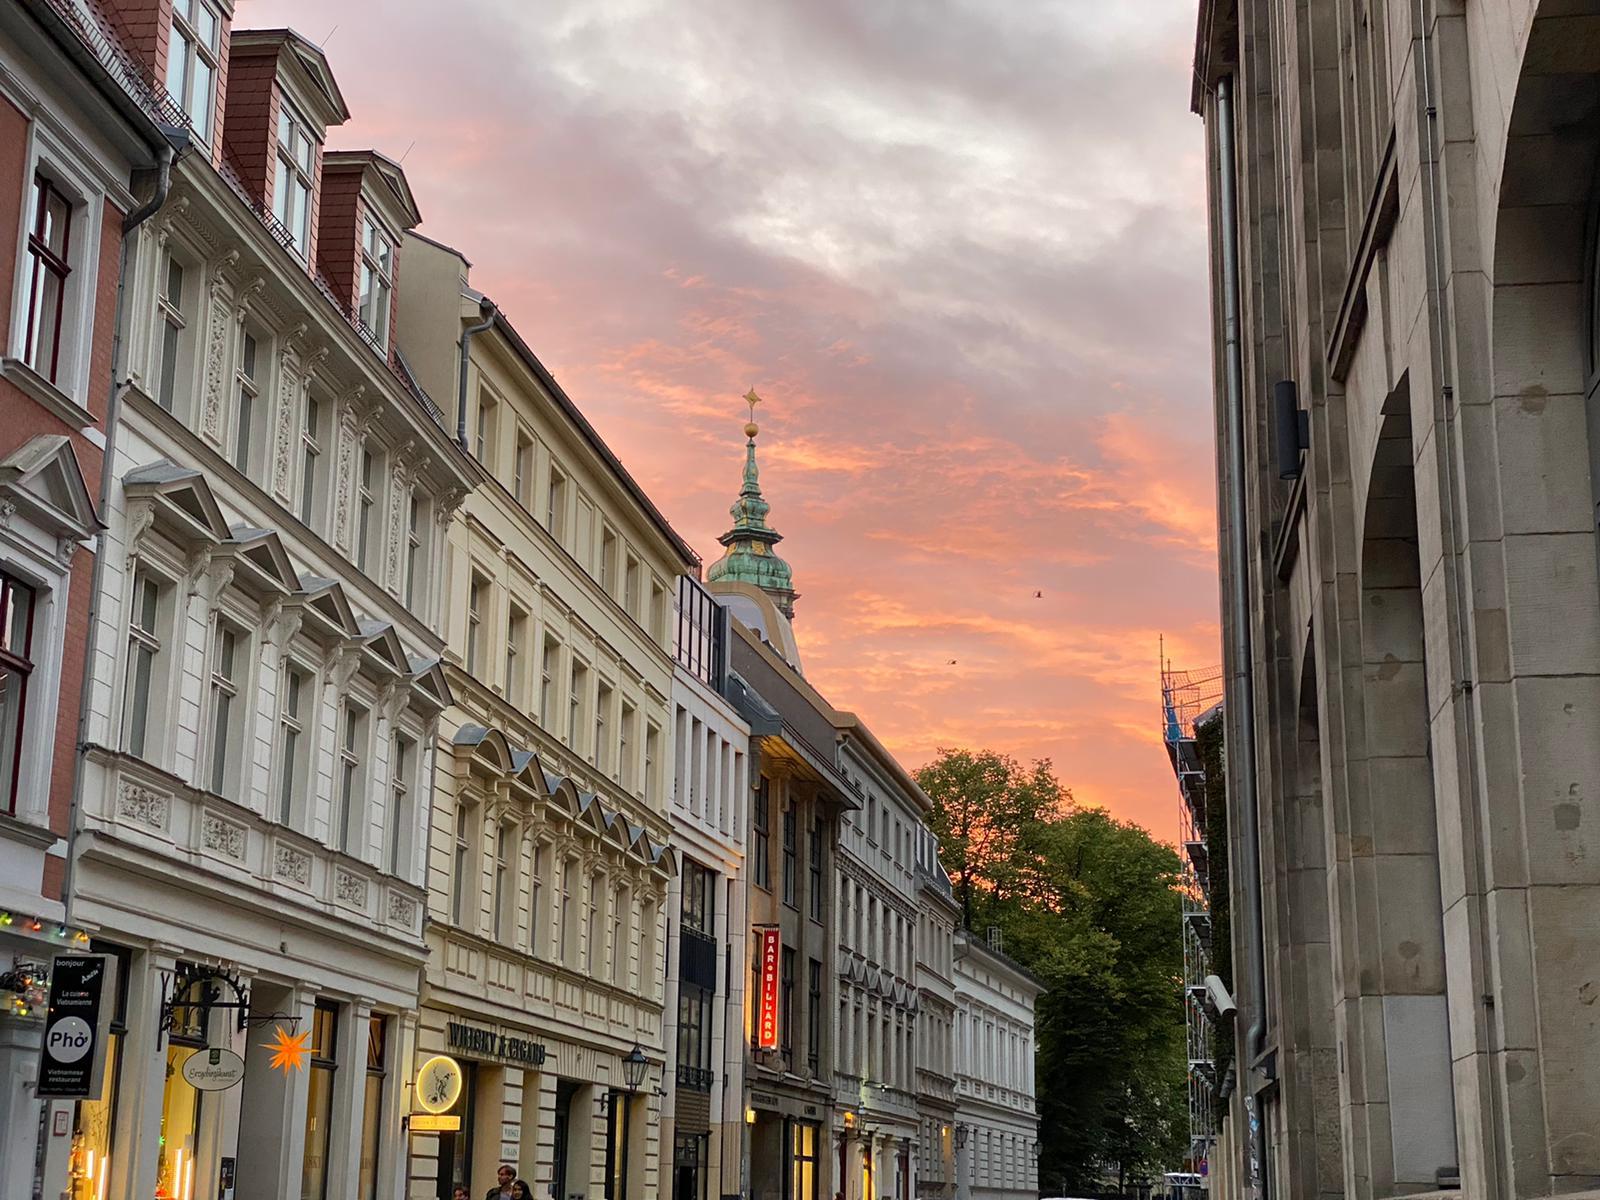 ברלין בשקיעה, צילום: אסתר אליאס